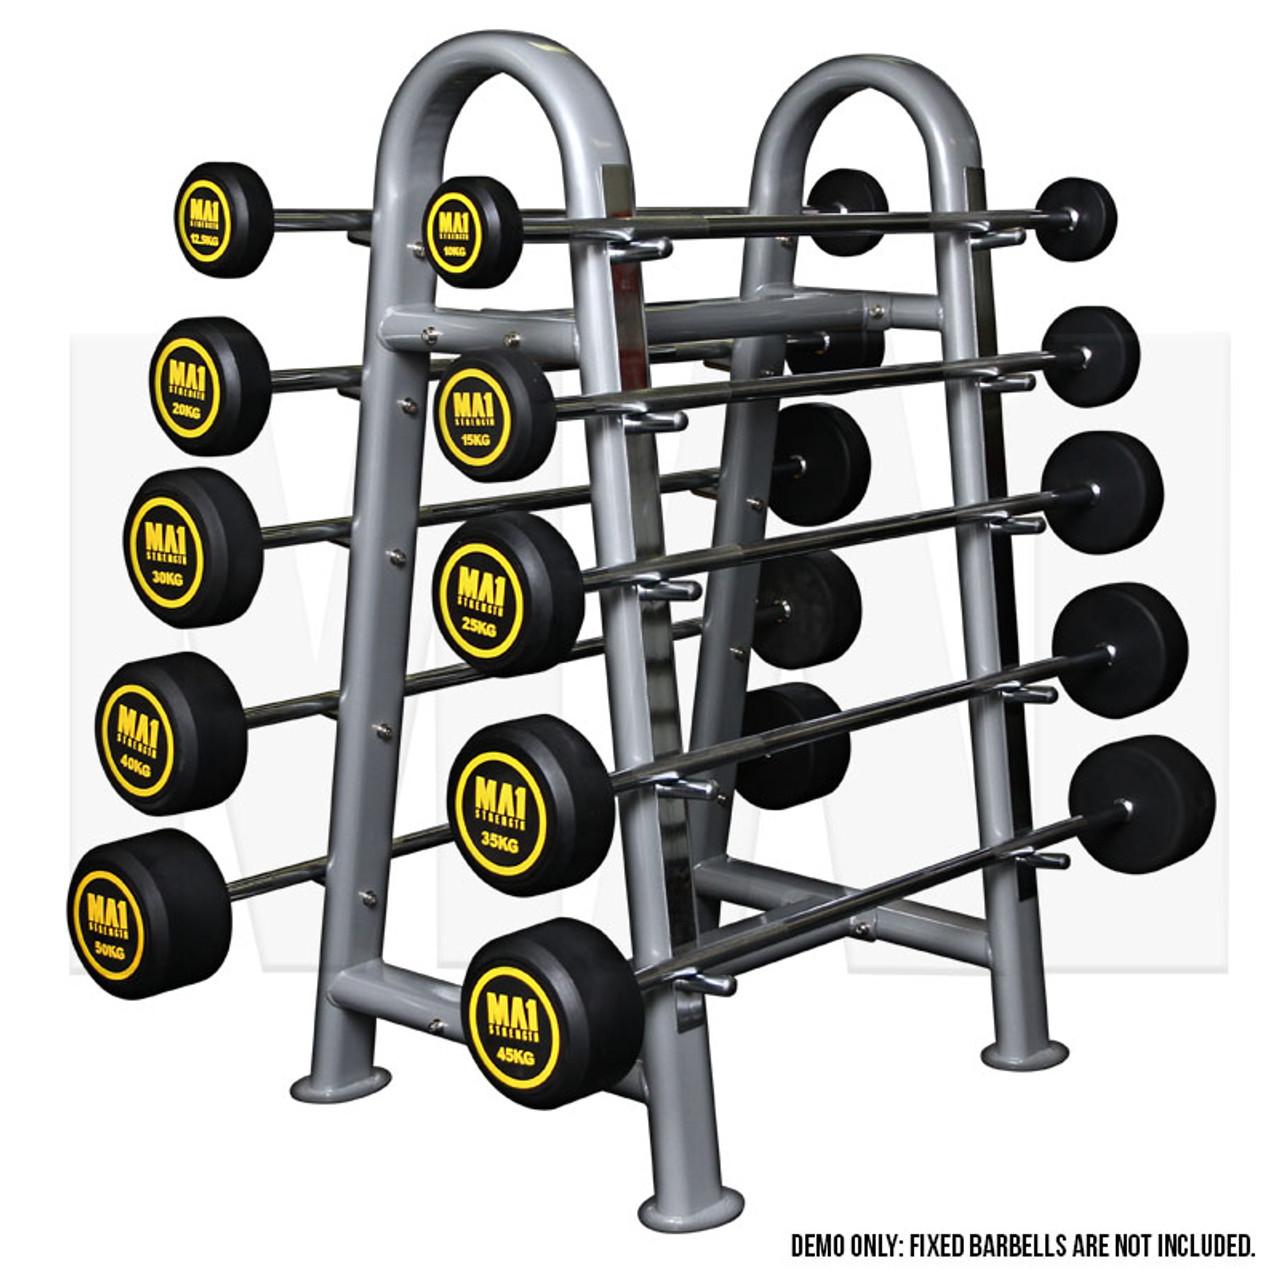 MA1 Elite Barbell Rack